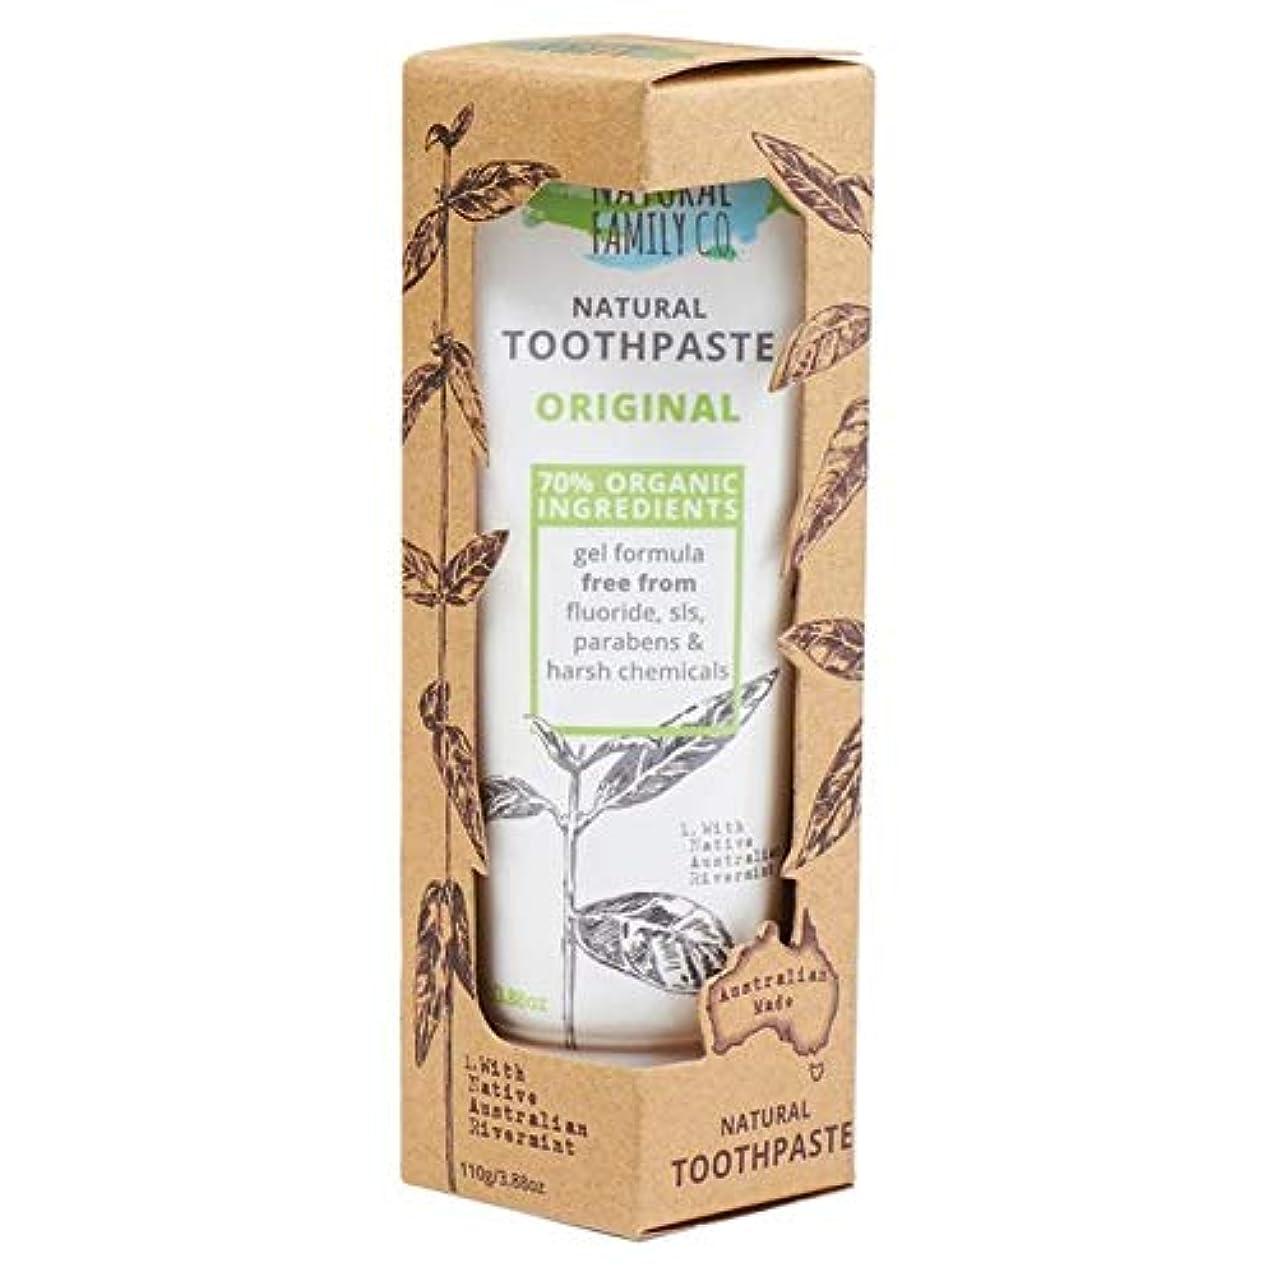 性格行動バケット[Natural Family ] 自然な家族の元歯磨き粉の110グラム - Natural Family Original Toothpaste 110g [並行輸入品]